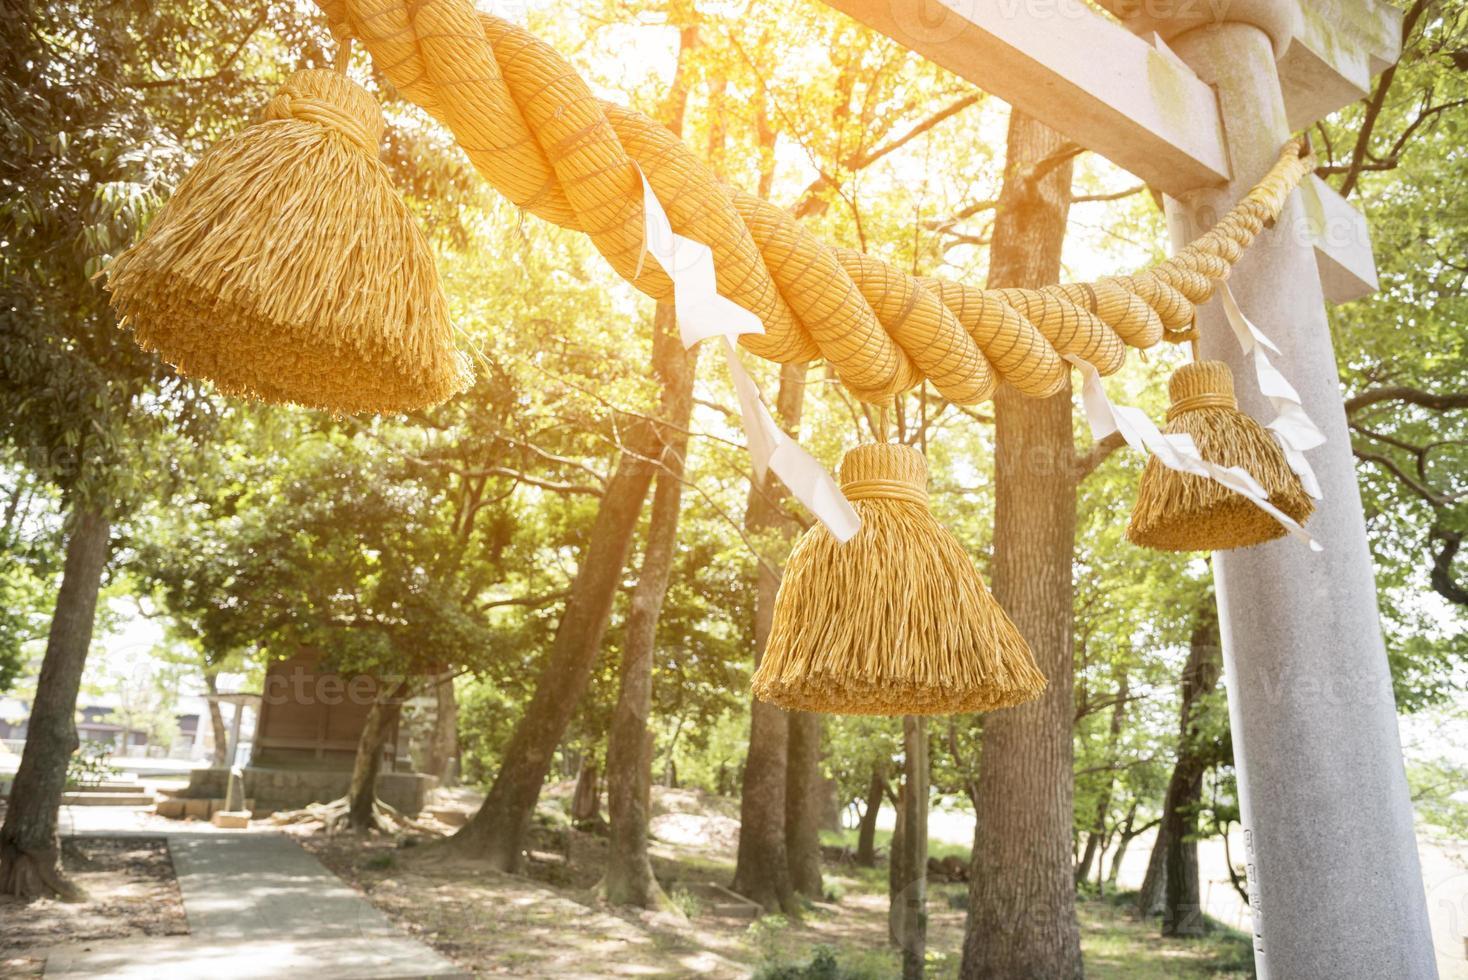 grosse corde japonaise le jour de l'an nommée shime-nawa photo